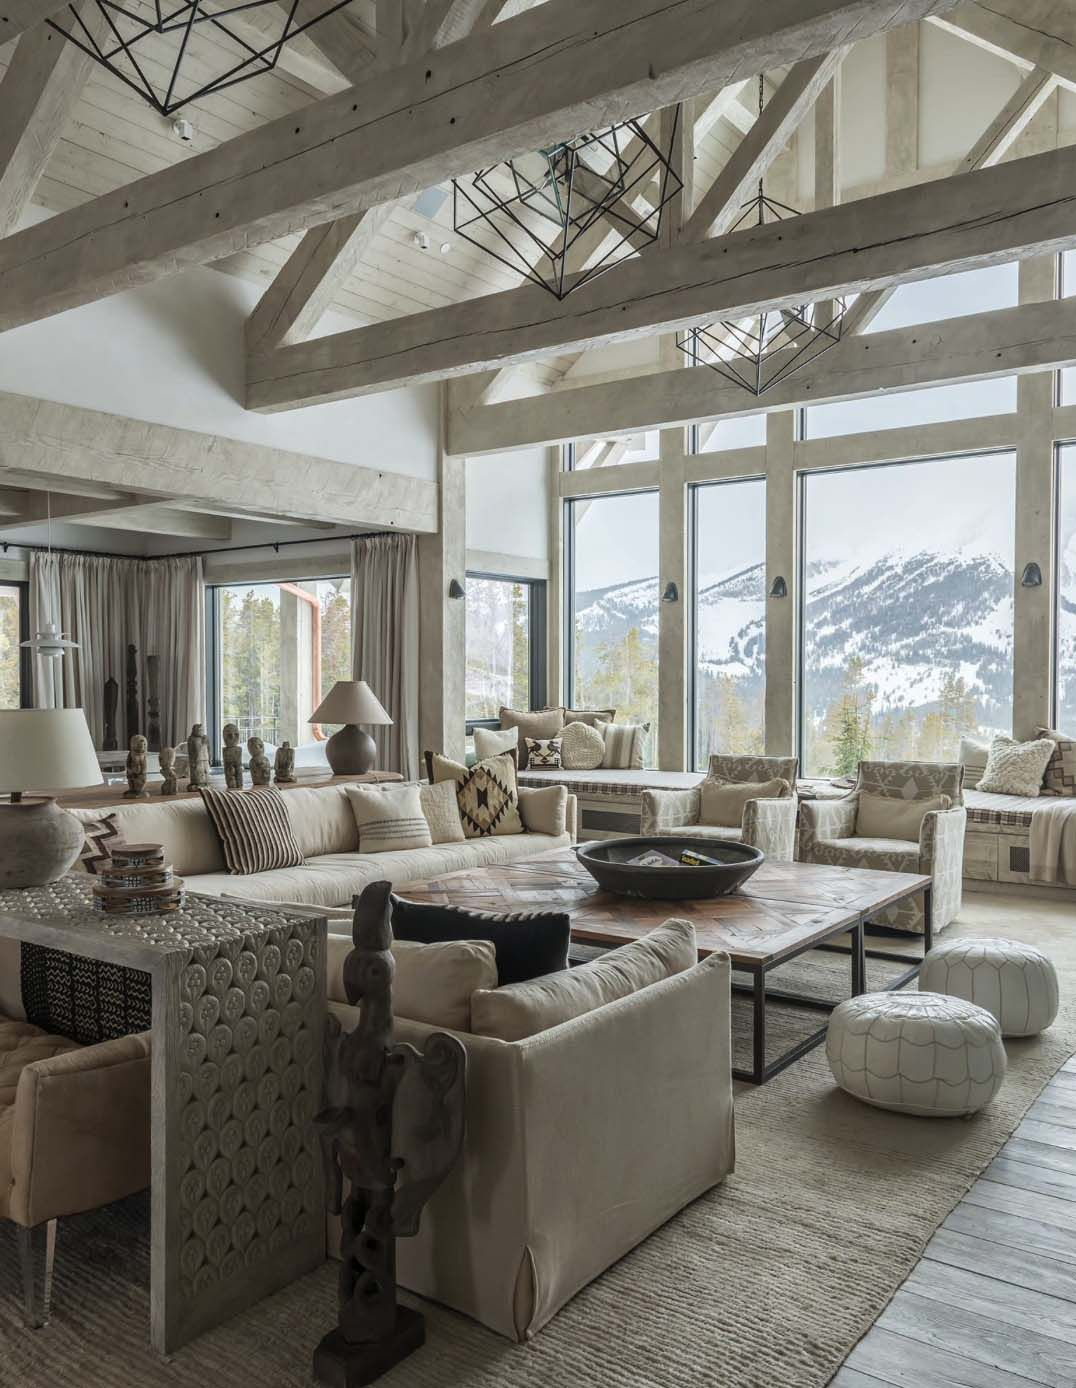 21 Die meisten fabelhaften Berghäuser von Locati Architects #mountainhomes